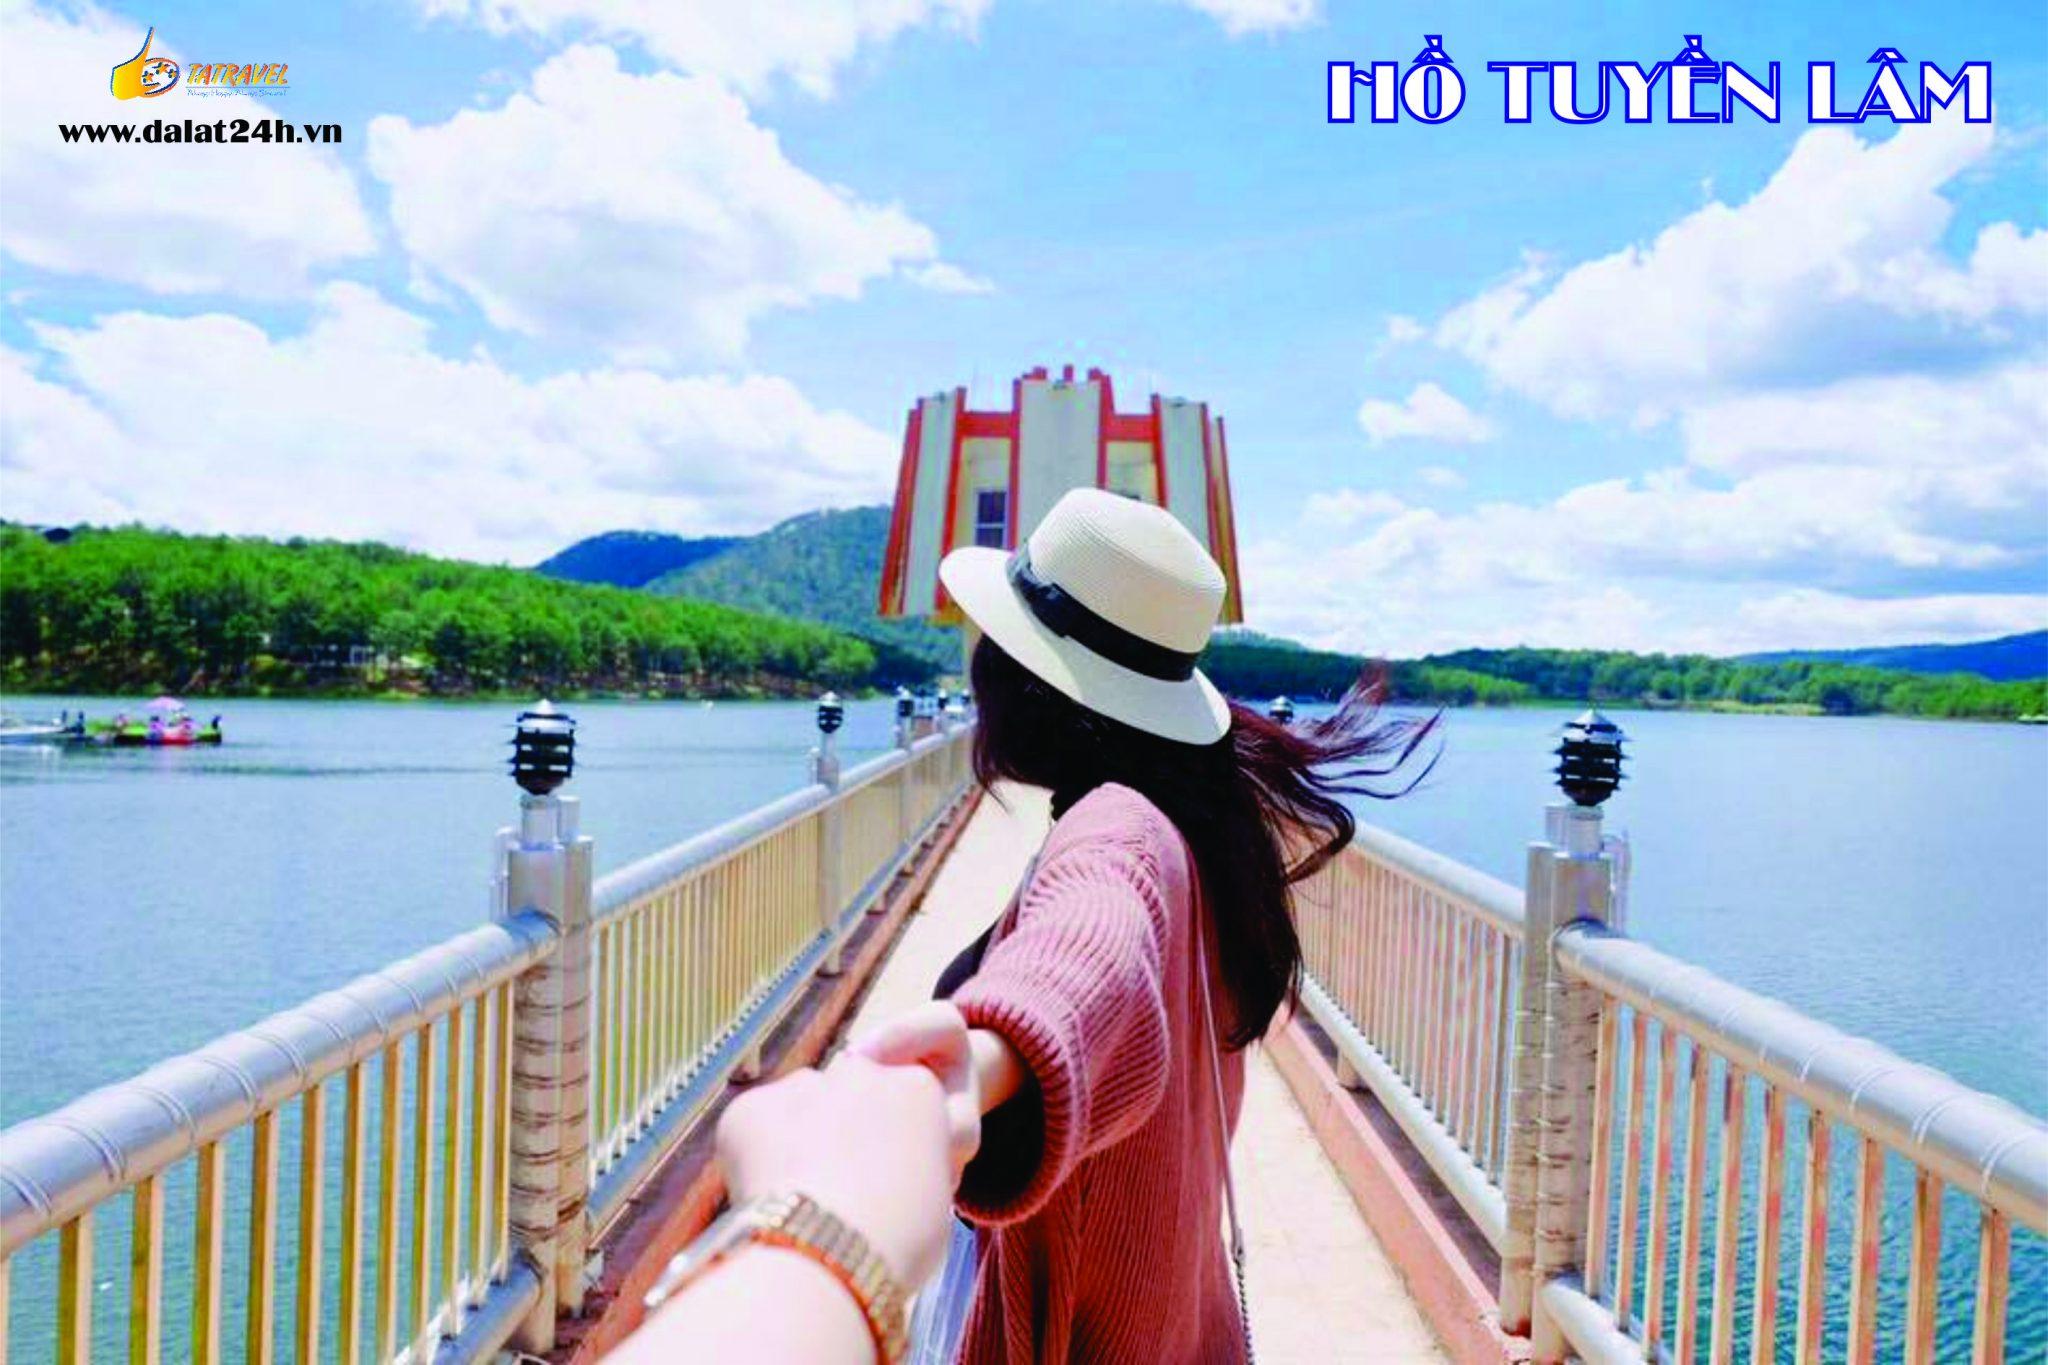 Hồ Tuyền Lâm Đà Lạt -Du lịch Đà Lạt tháng 1- datphongdalat.vn-07